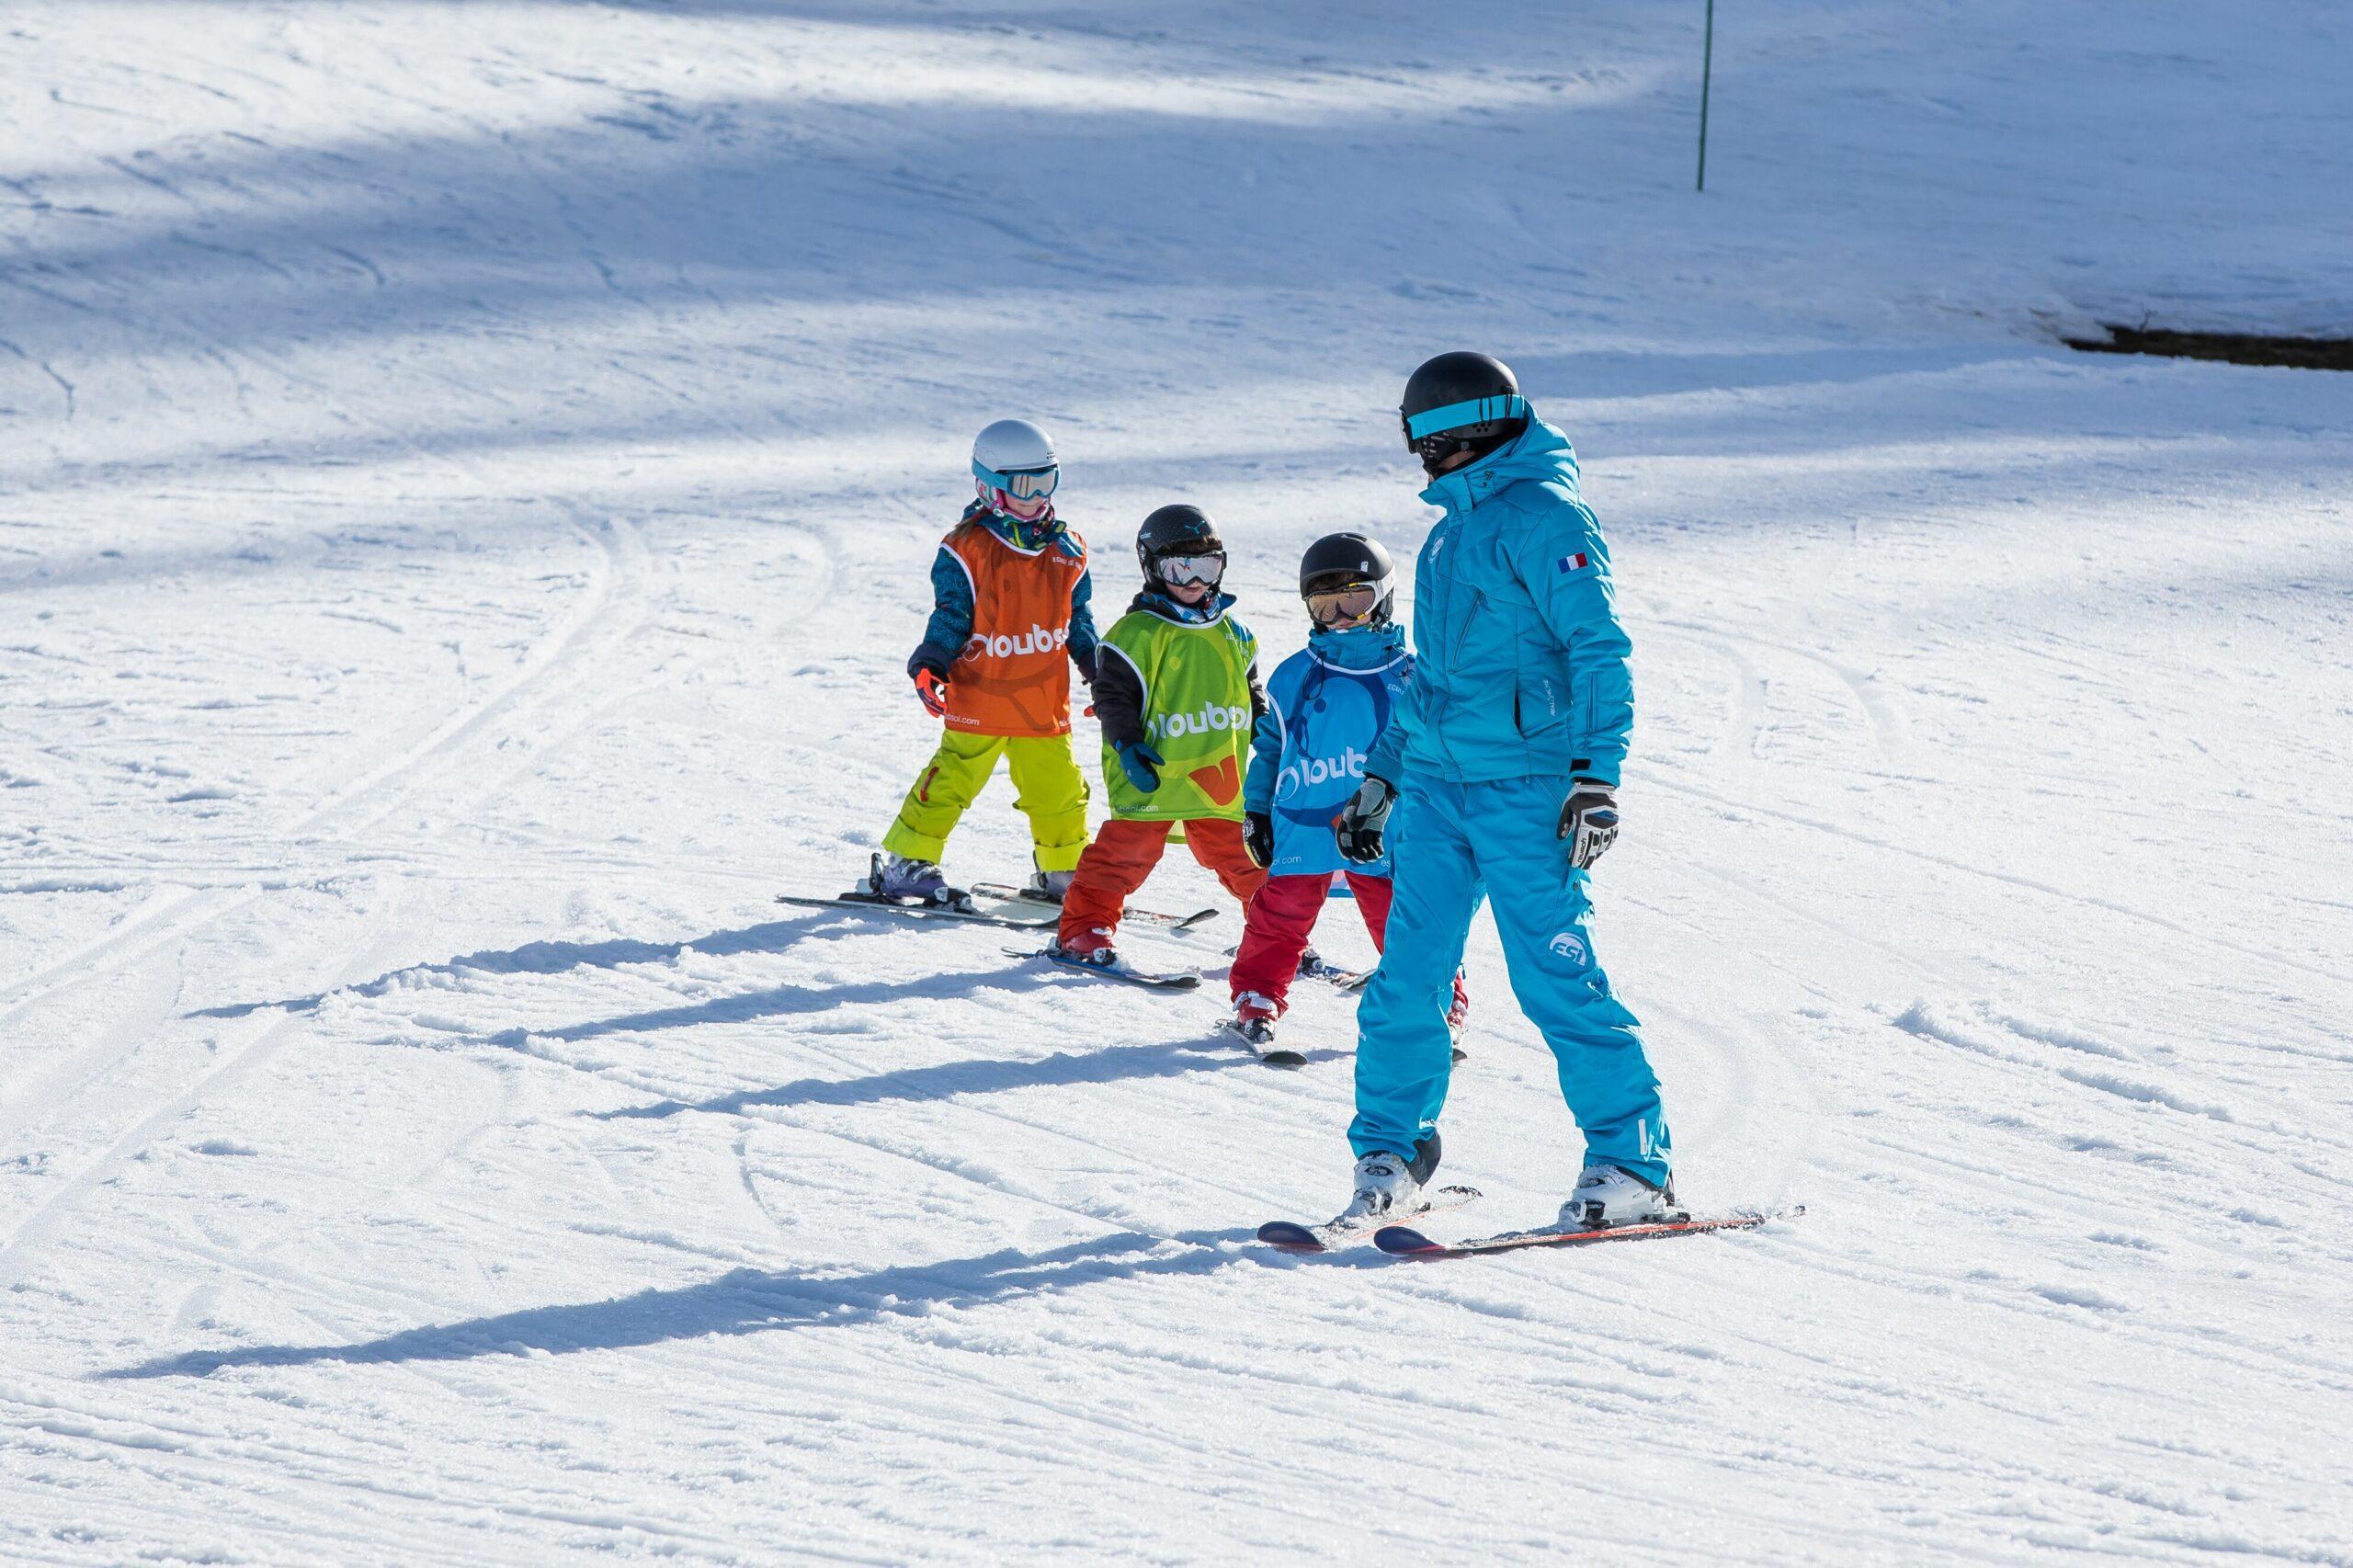 cours de ski pour les débutants enfants de plus de 6 ans